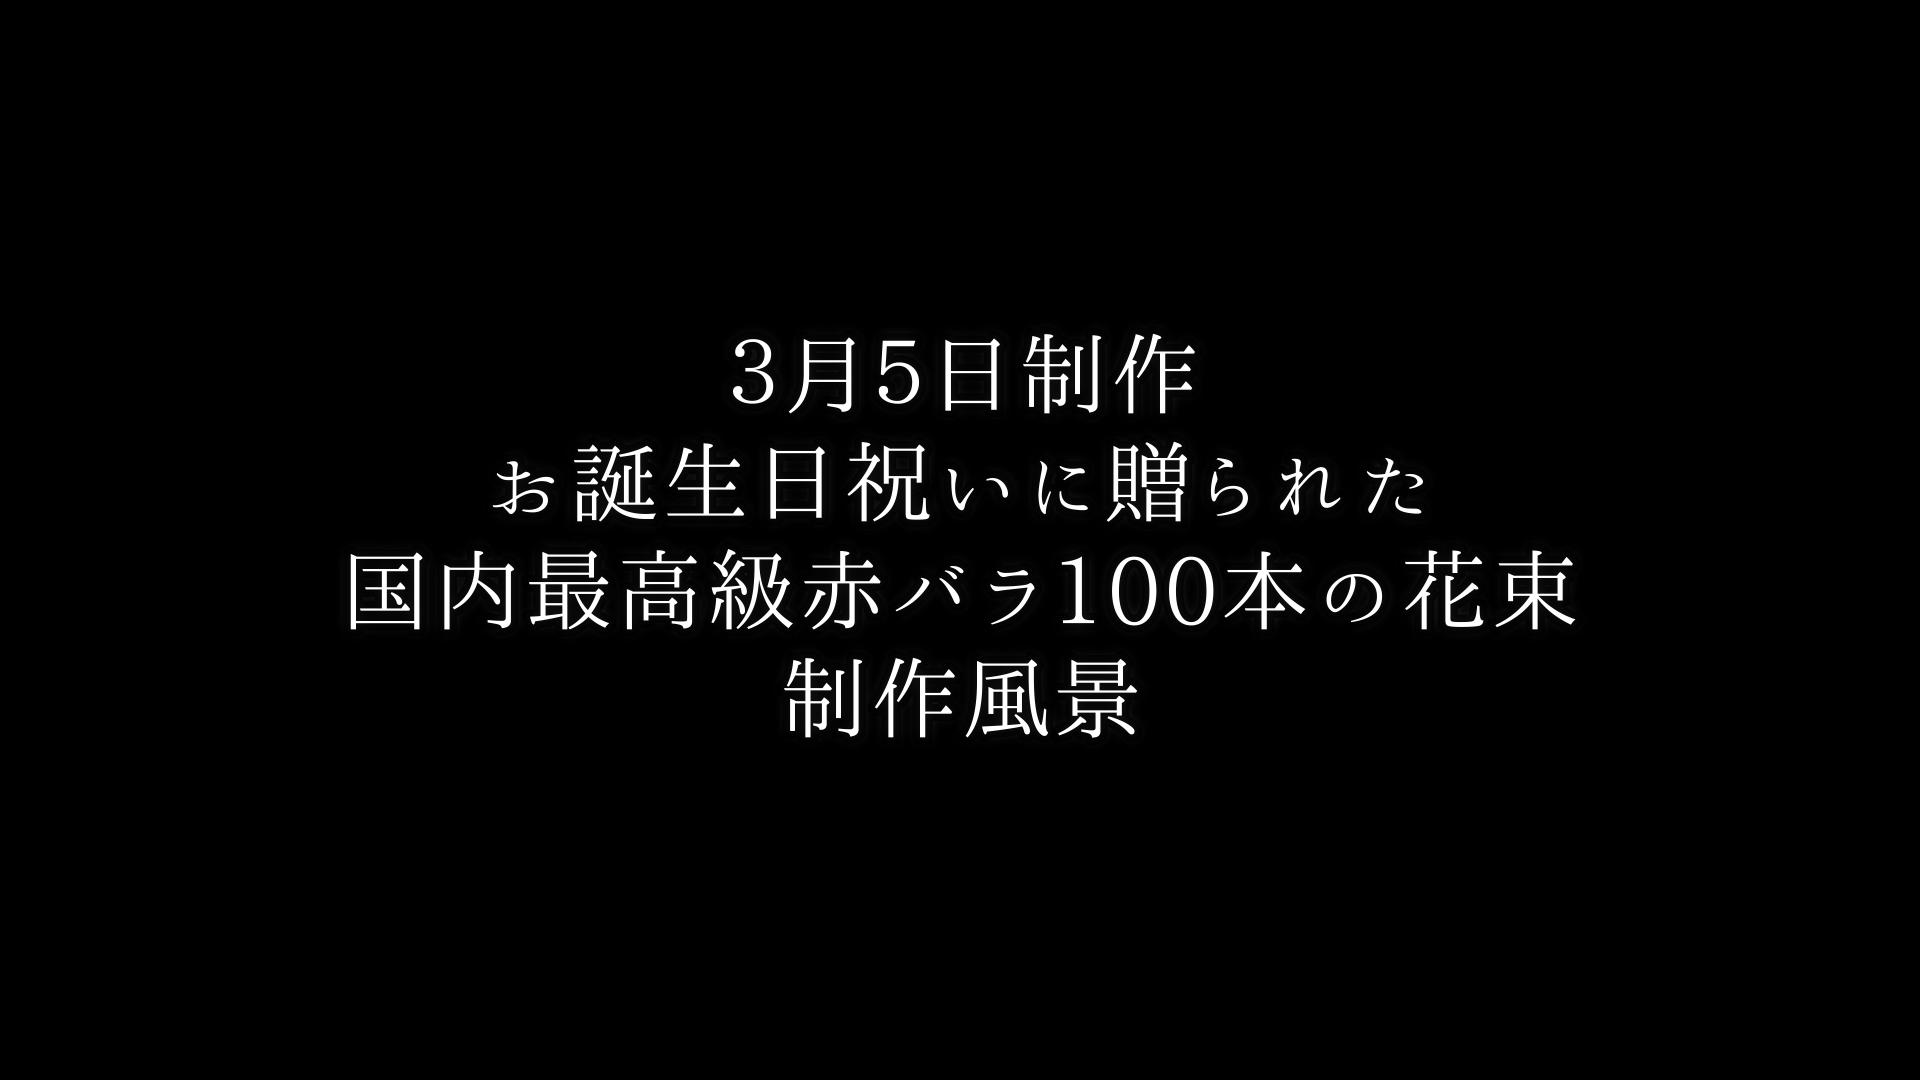 【お誕生日祝いに贈る】バラ100本の花束制作動画 2021/03/05撮影